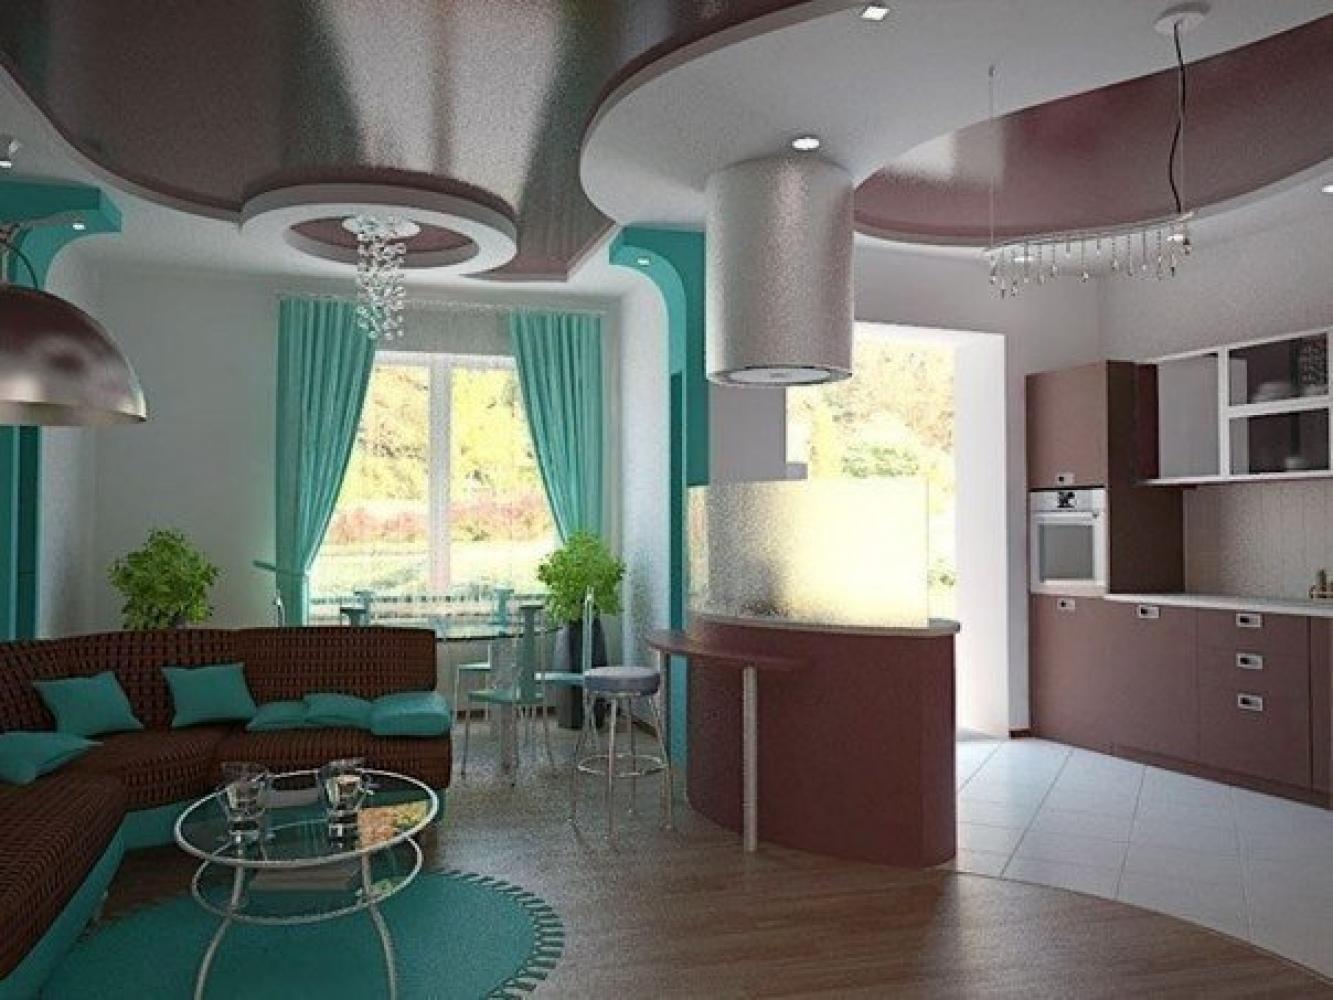 изготовление радиусных фасадов для мебели на заказ в Санкт-Петербурге